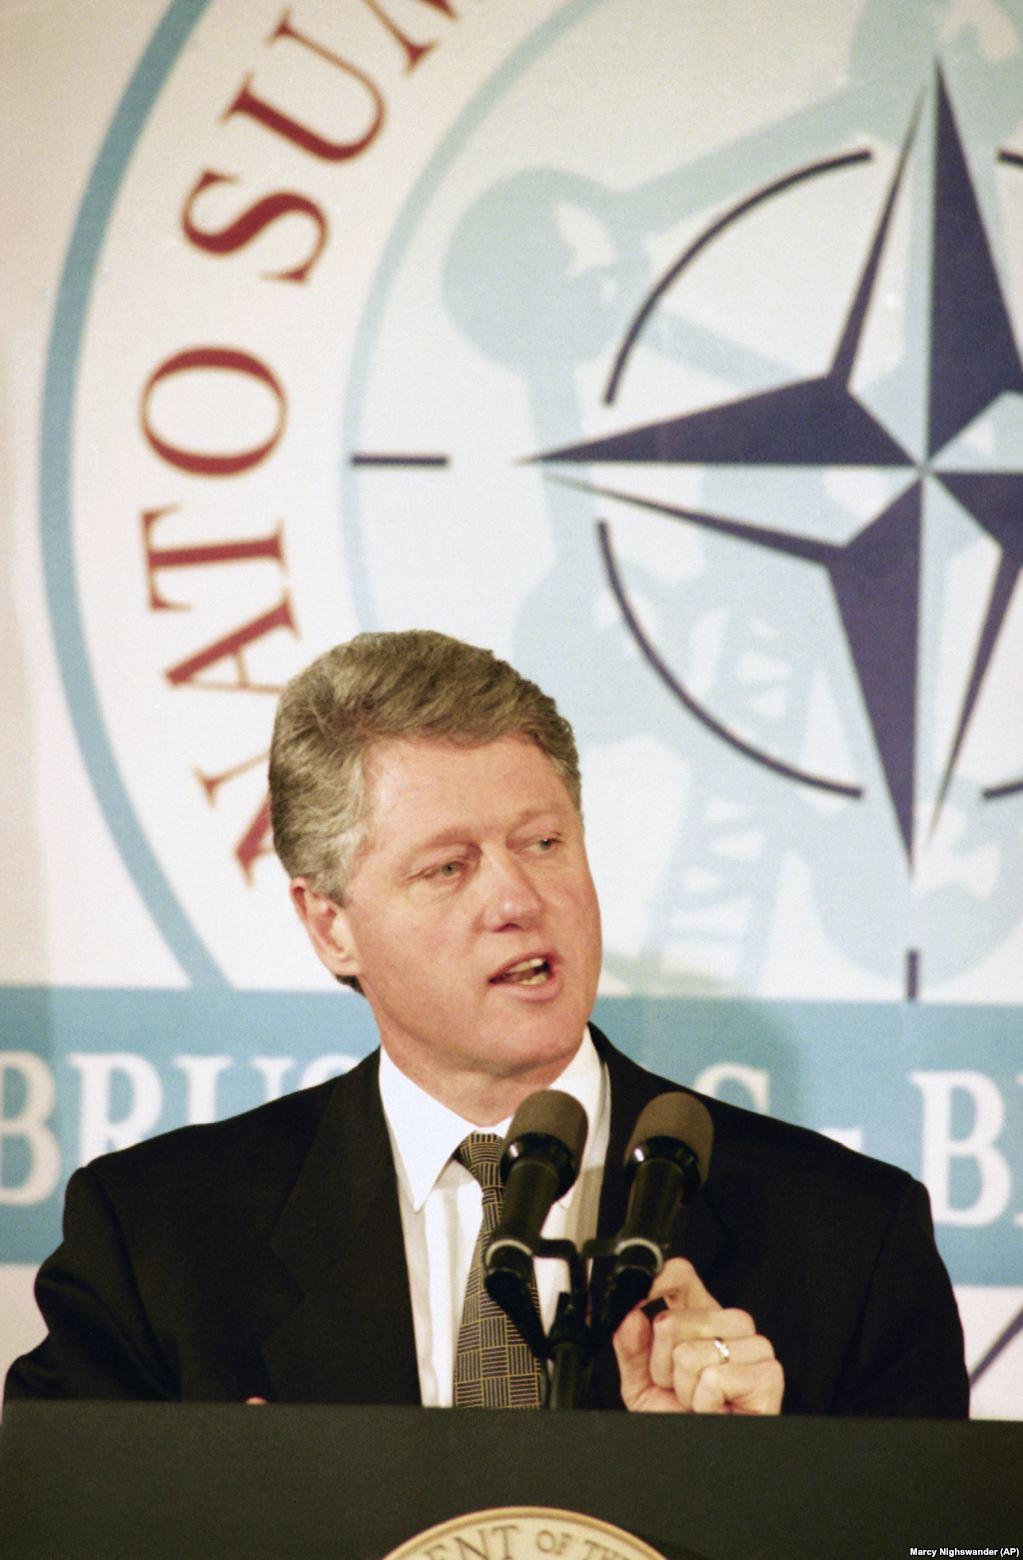 Президент США Білл Клінтон оголошує про домовленість між США, Росією і Україною на прес-конференції в Брюсселі 10 січня 1994 року. Він каже, що Україна погодилася знищити всі стратегічні ядерні запаси, треті за величиною в світі, на своїй території